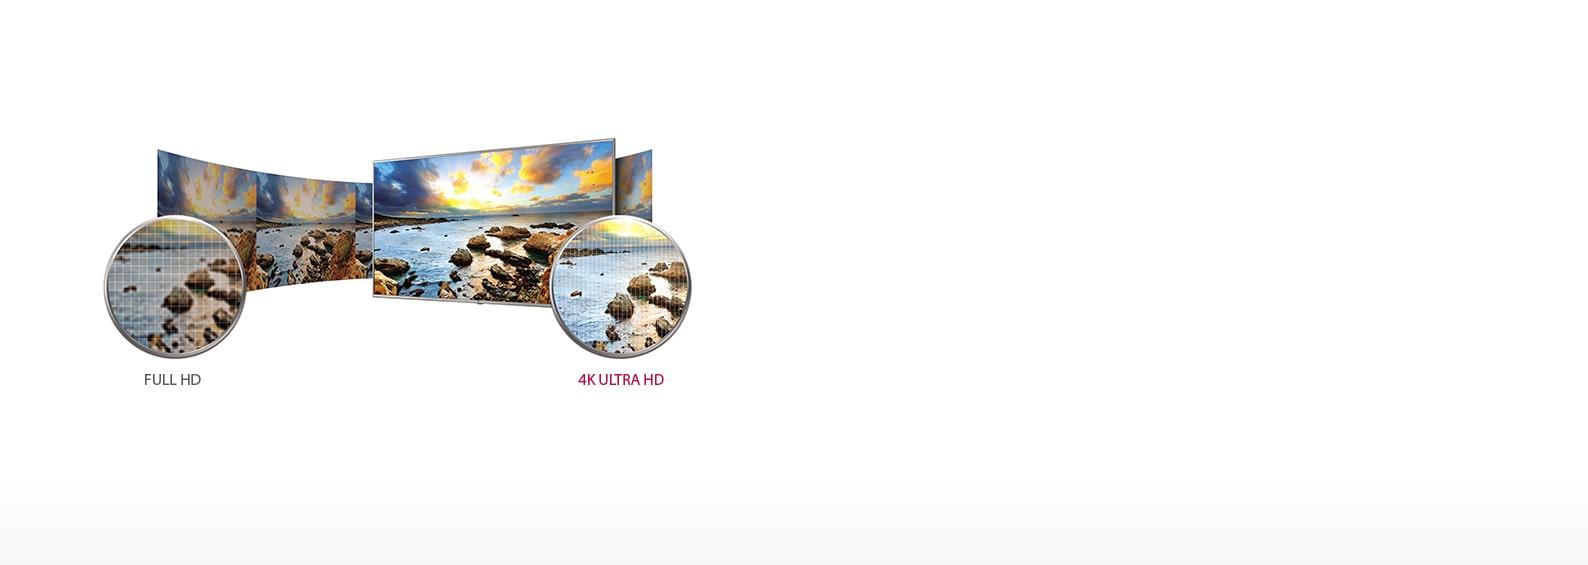 04_Perinf-hình ảnh-chất lượng và màu sắc_1534208950968